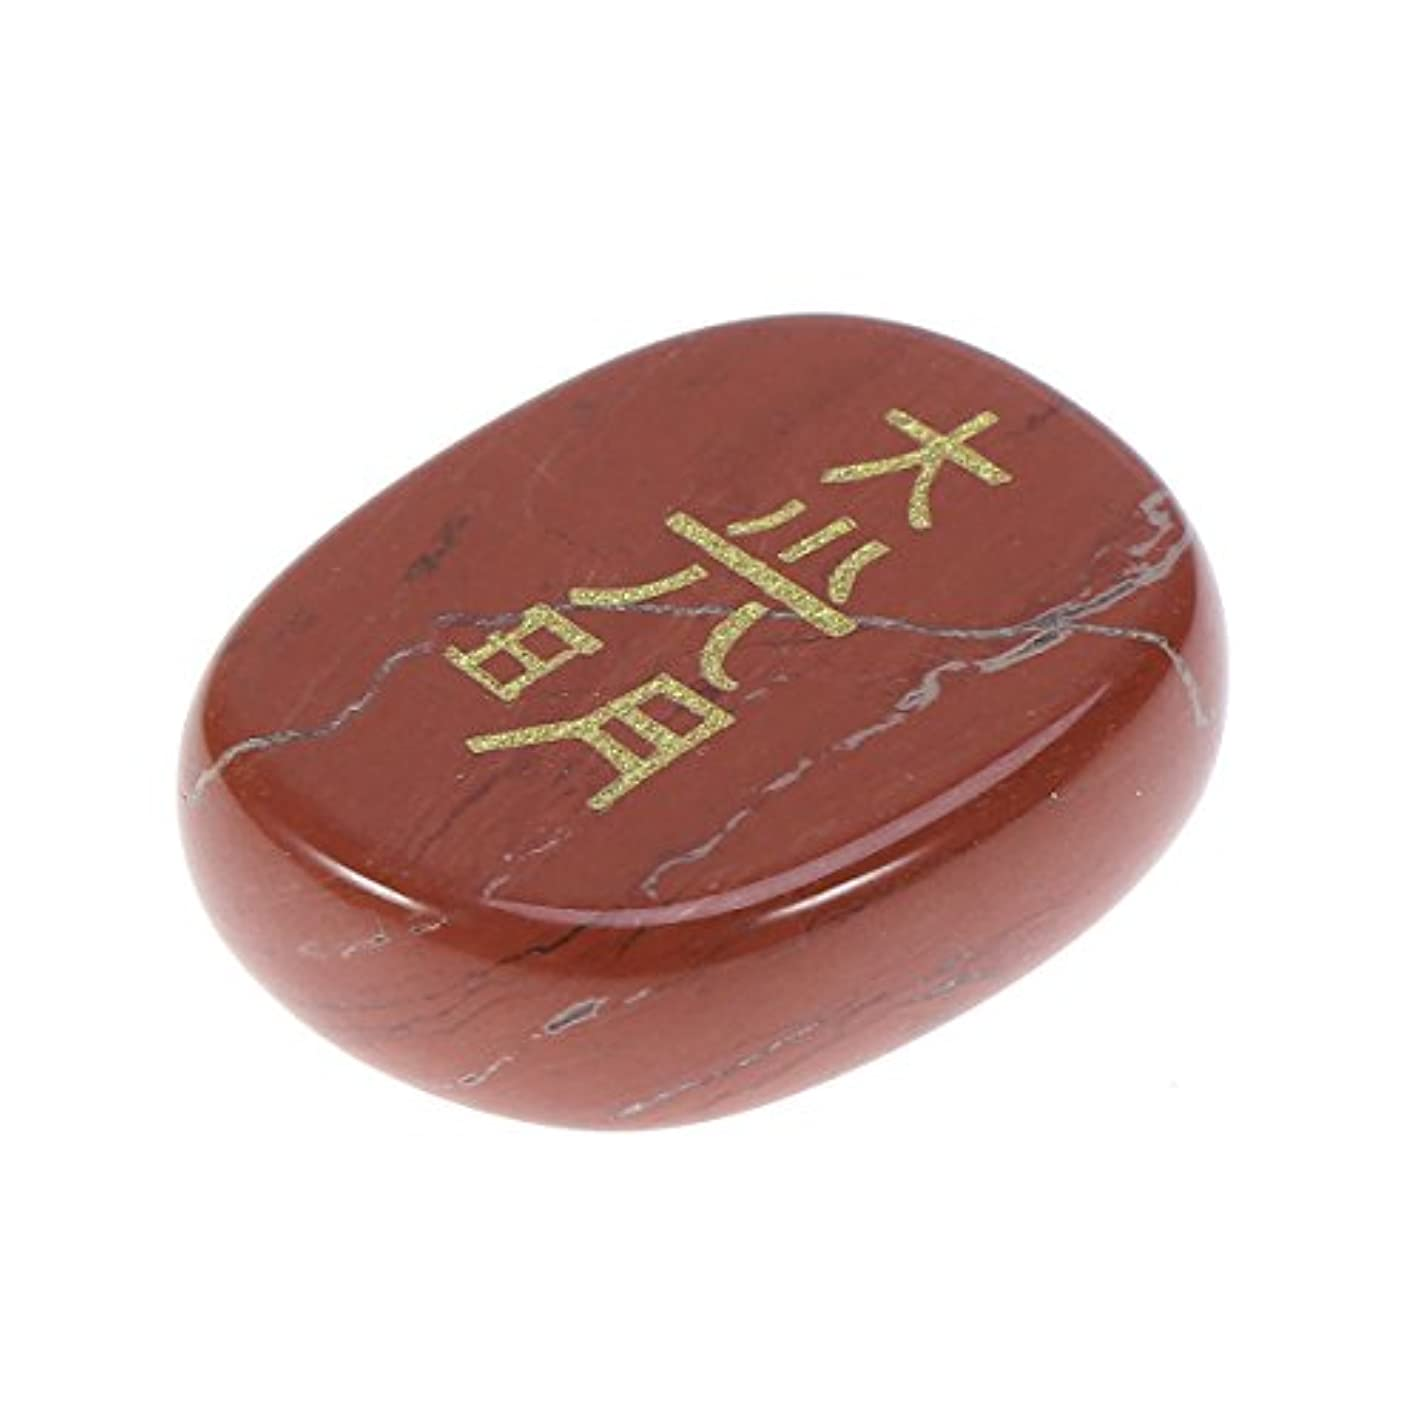 多分取り戻す民主党Healifty 宗教 石 彫刻 天然 クリスタルストーン エンジェル記号 彫刻 瞑想 (ダークレッド)